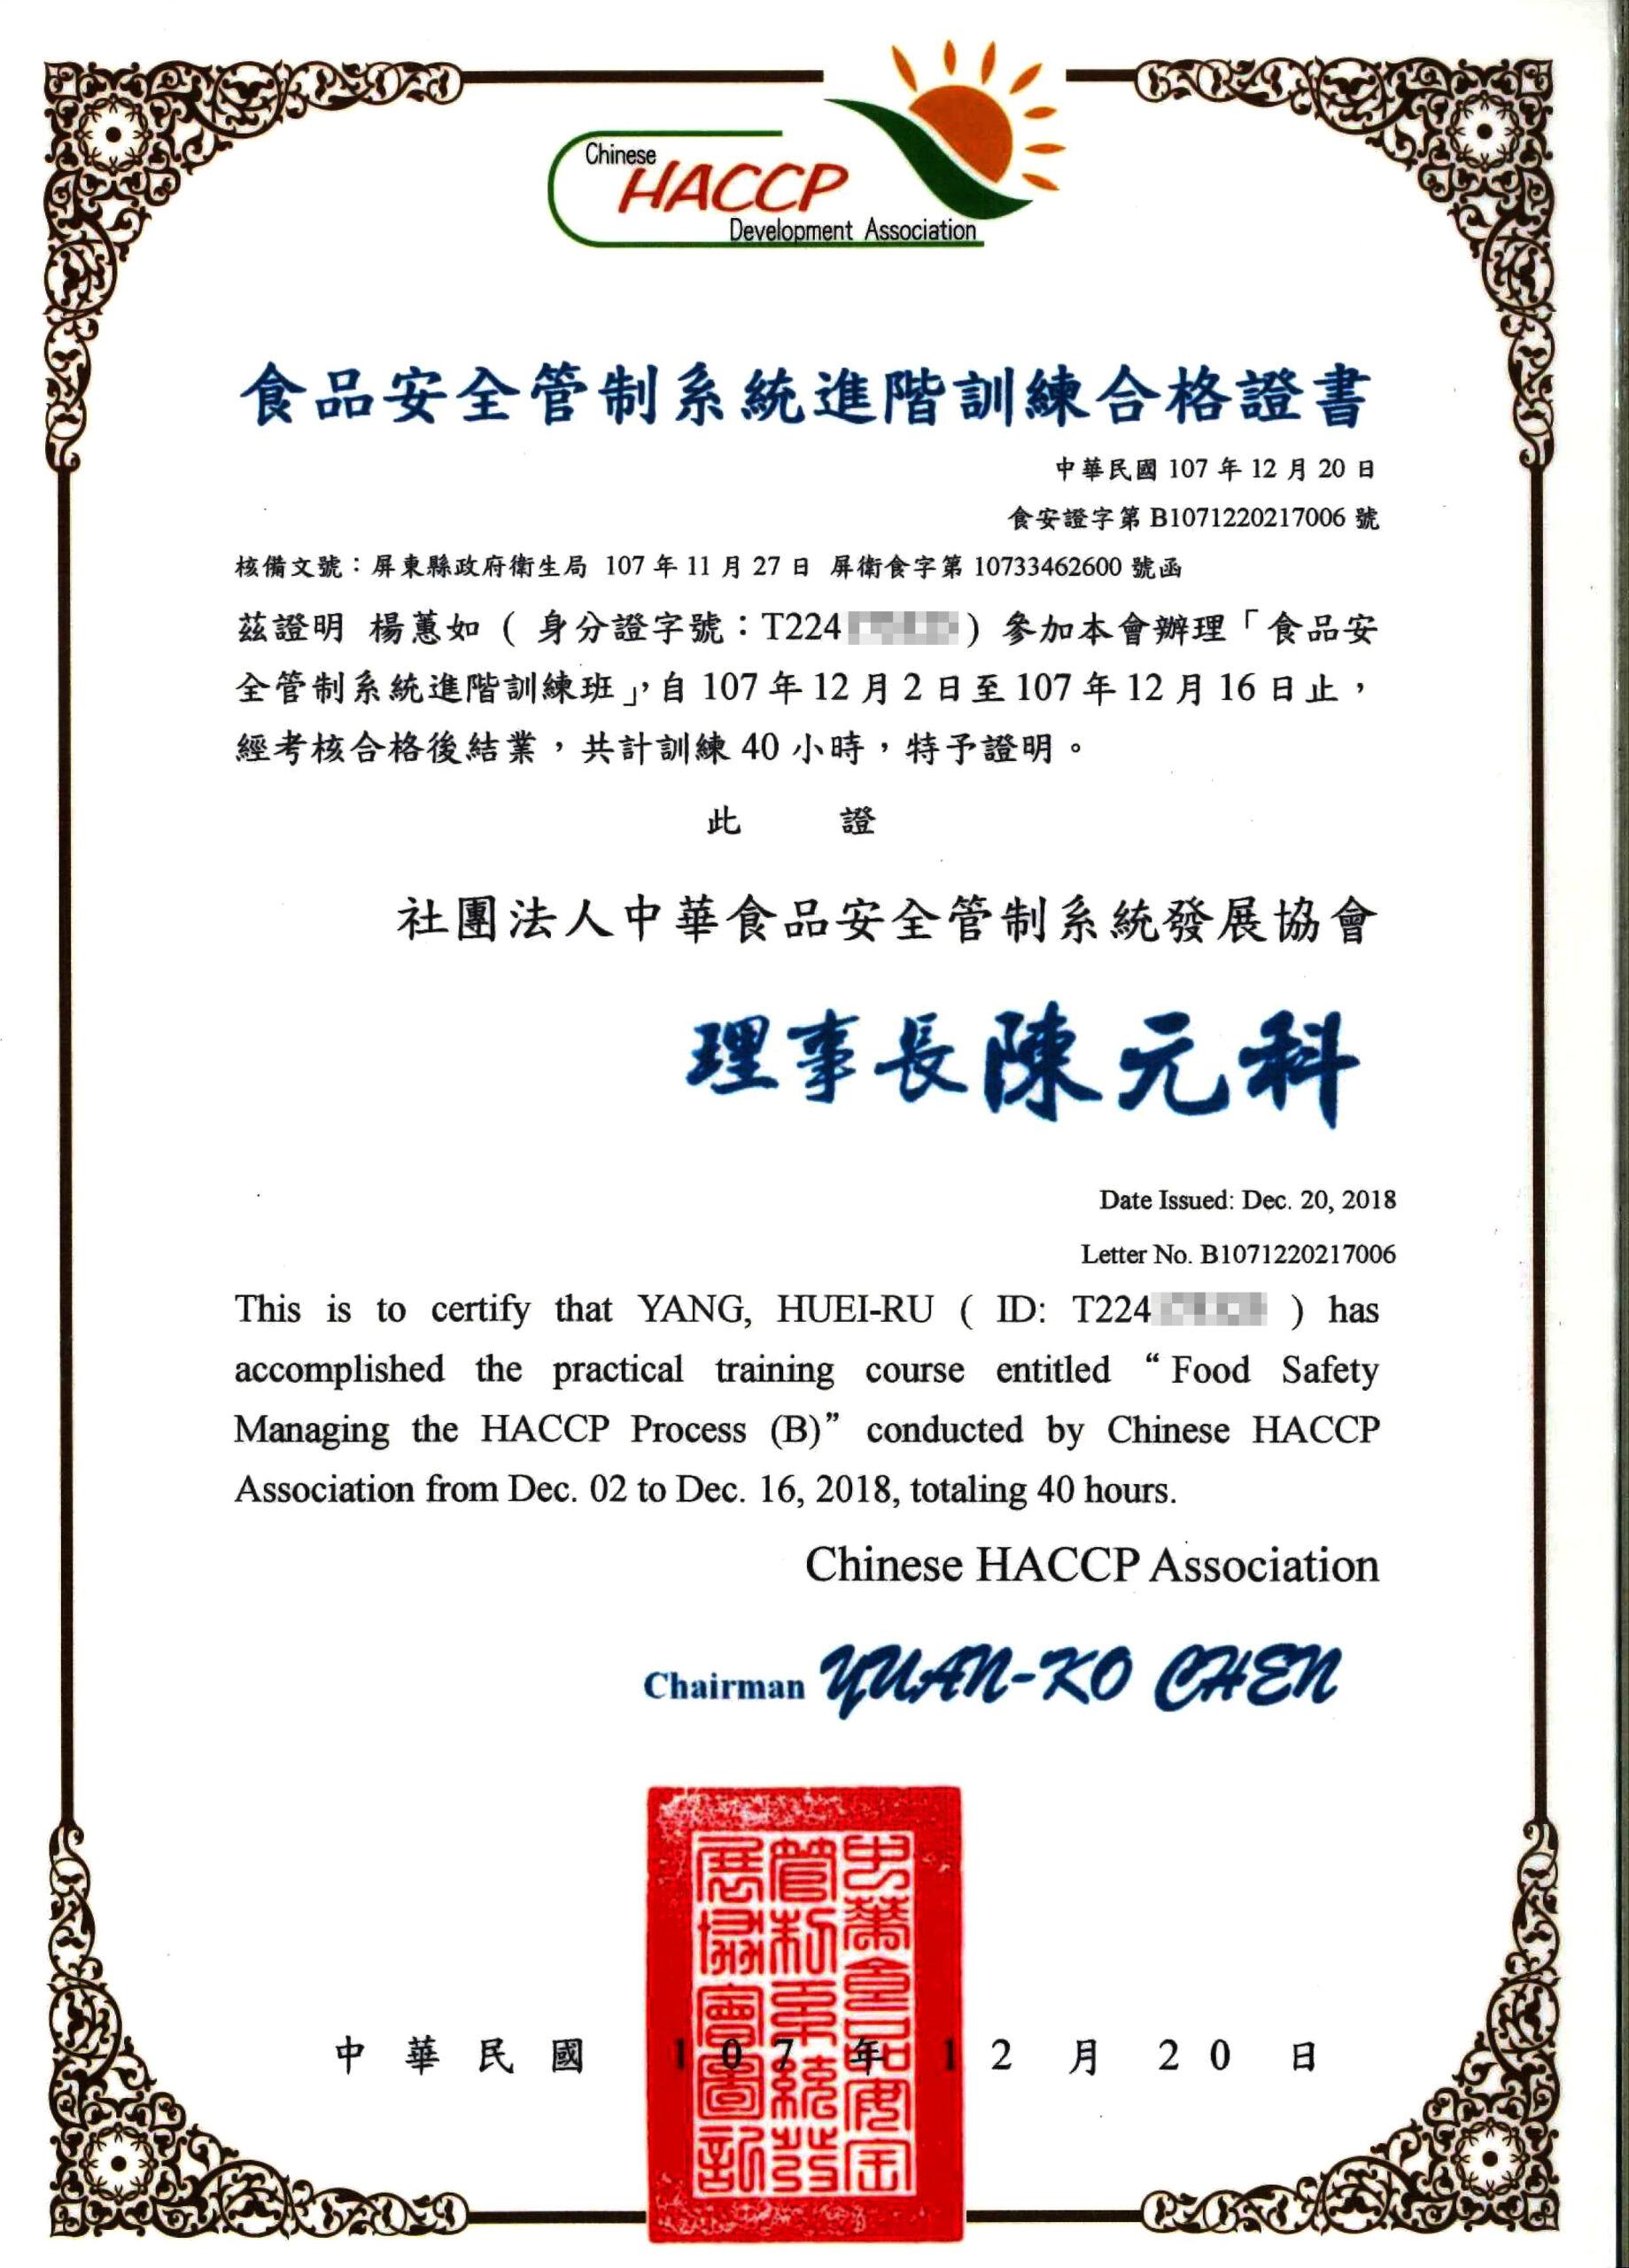 20210406楊蕙如HACCP證書-公開展示用2